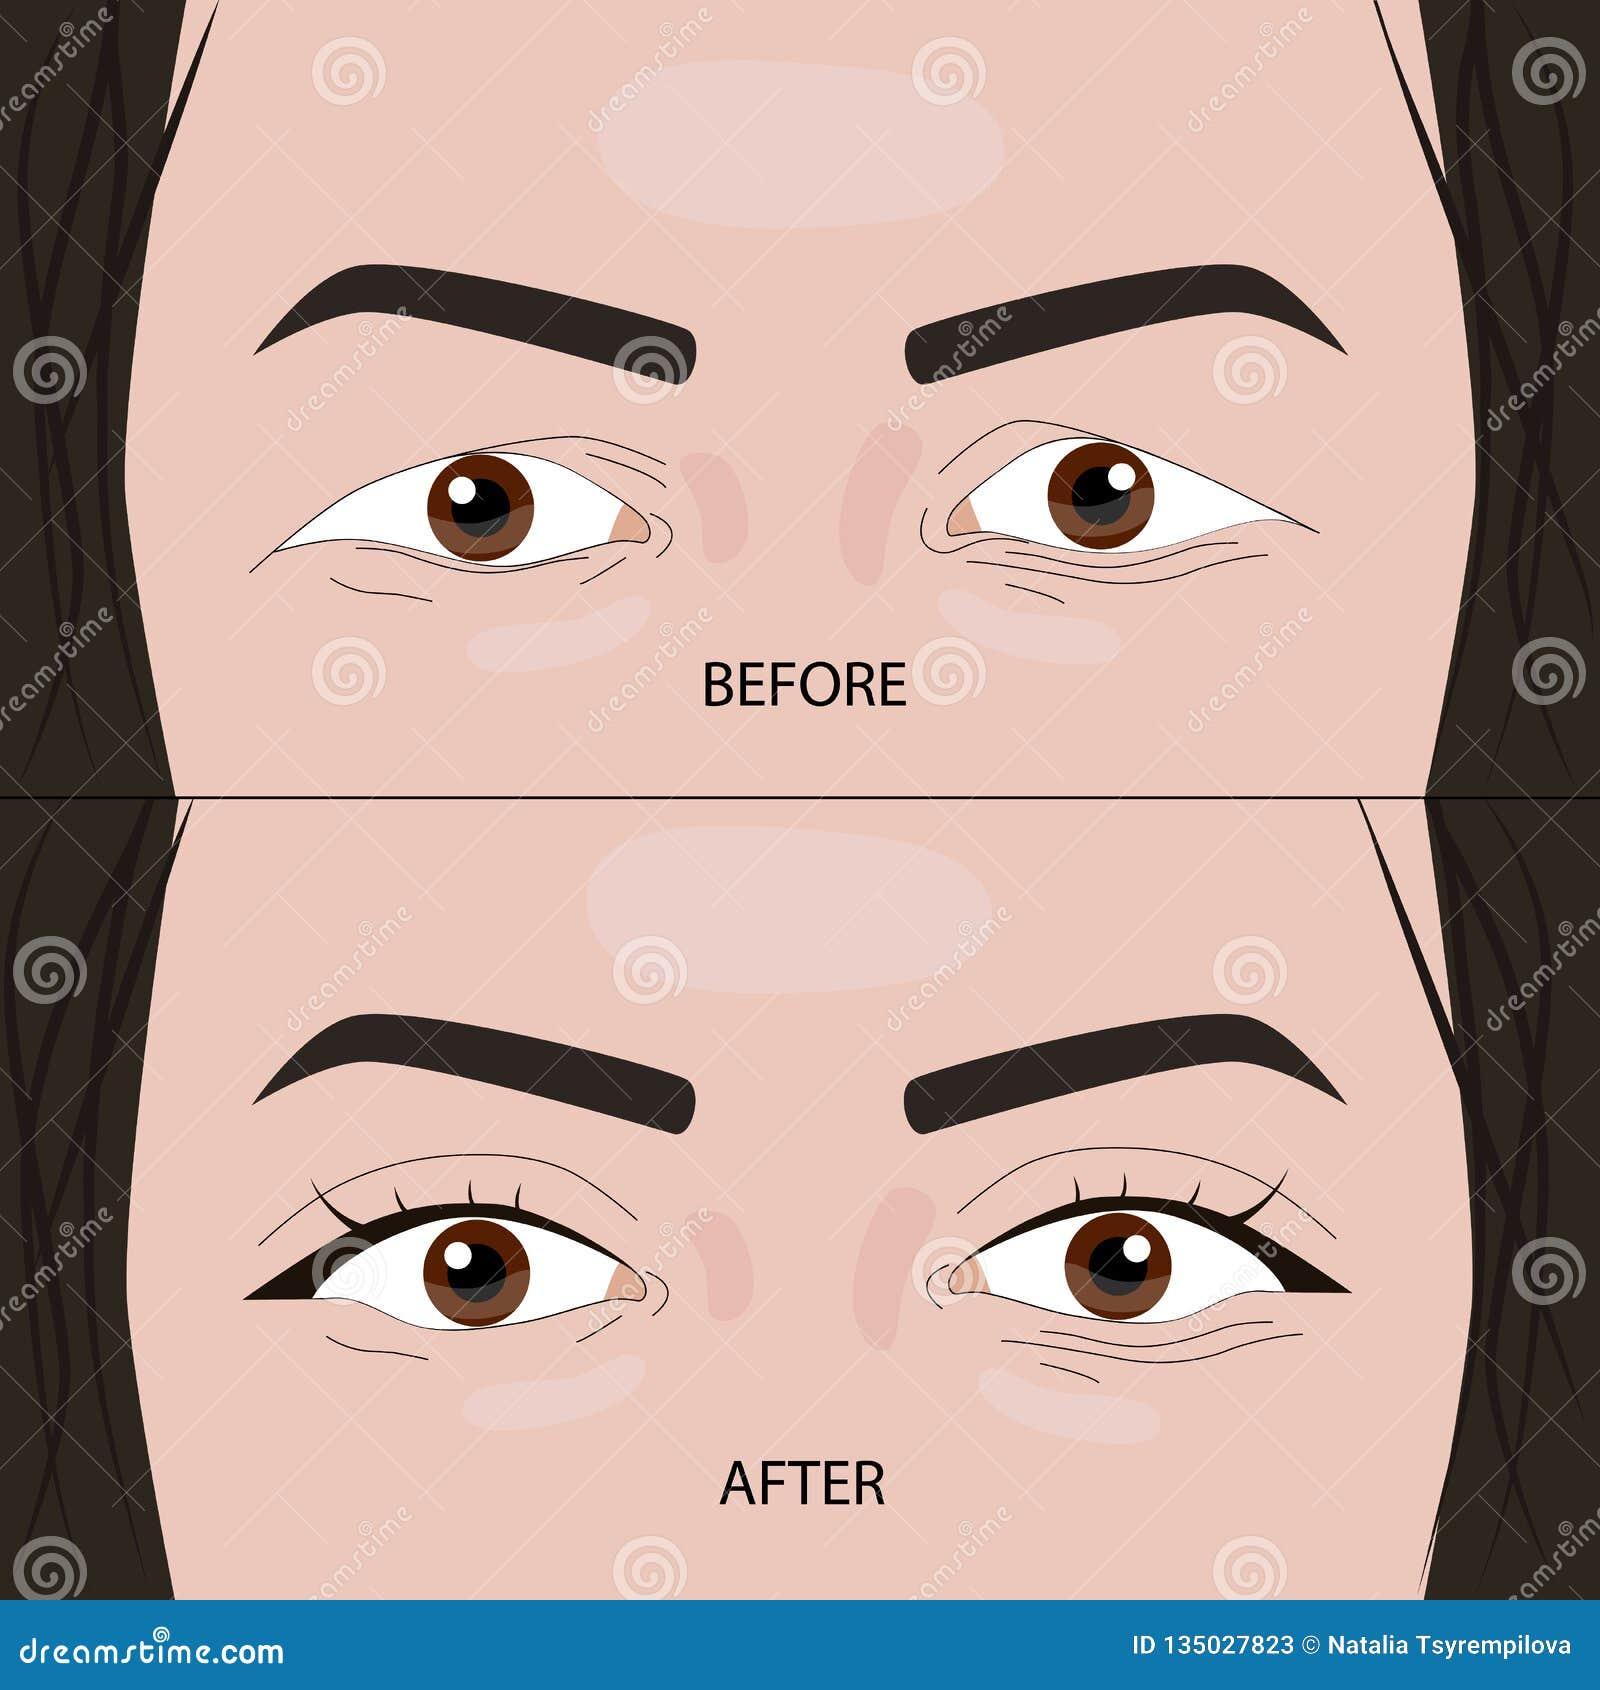 Dubbel illustration för ögonlockkirurgi före och efter